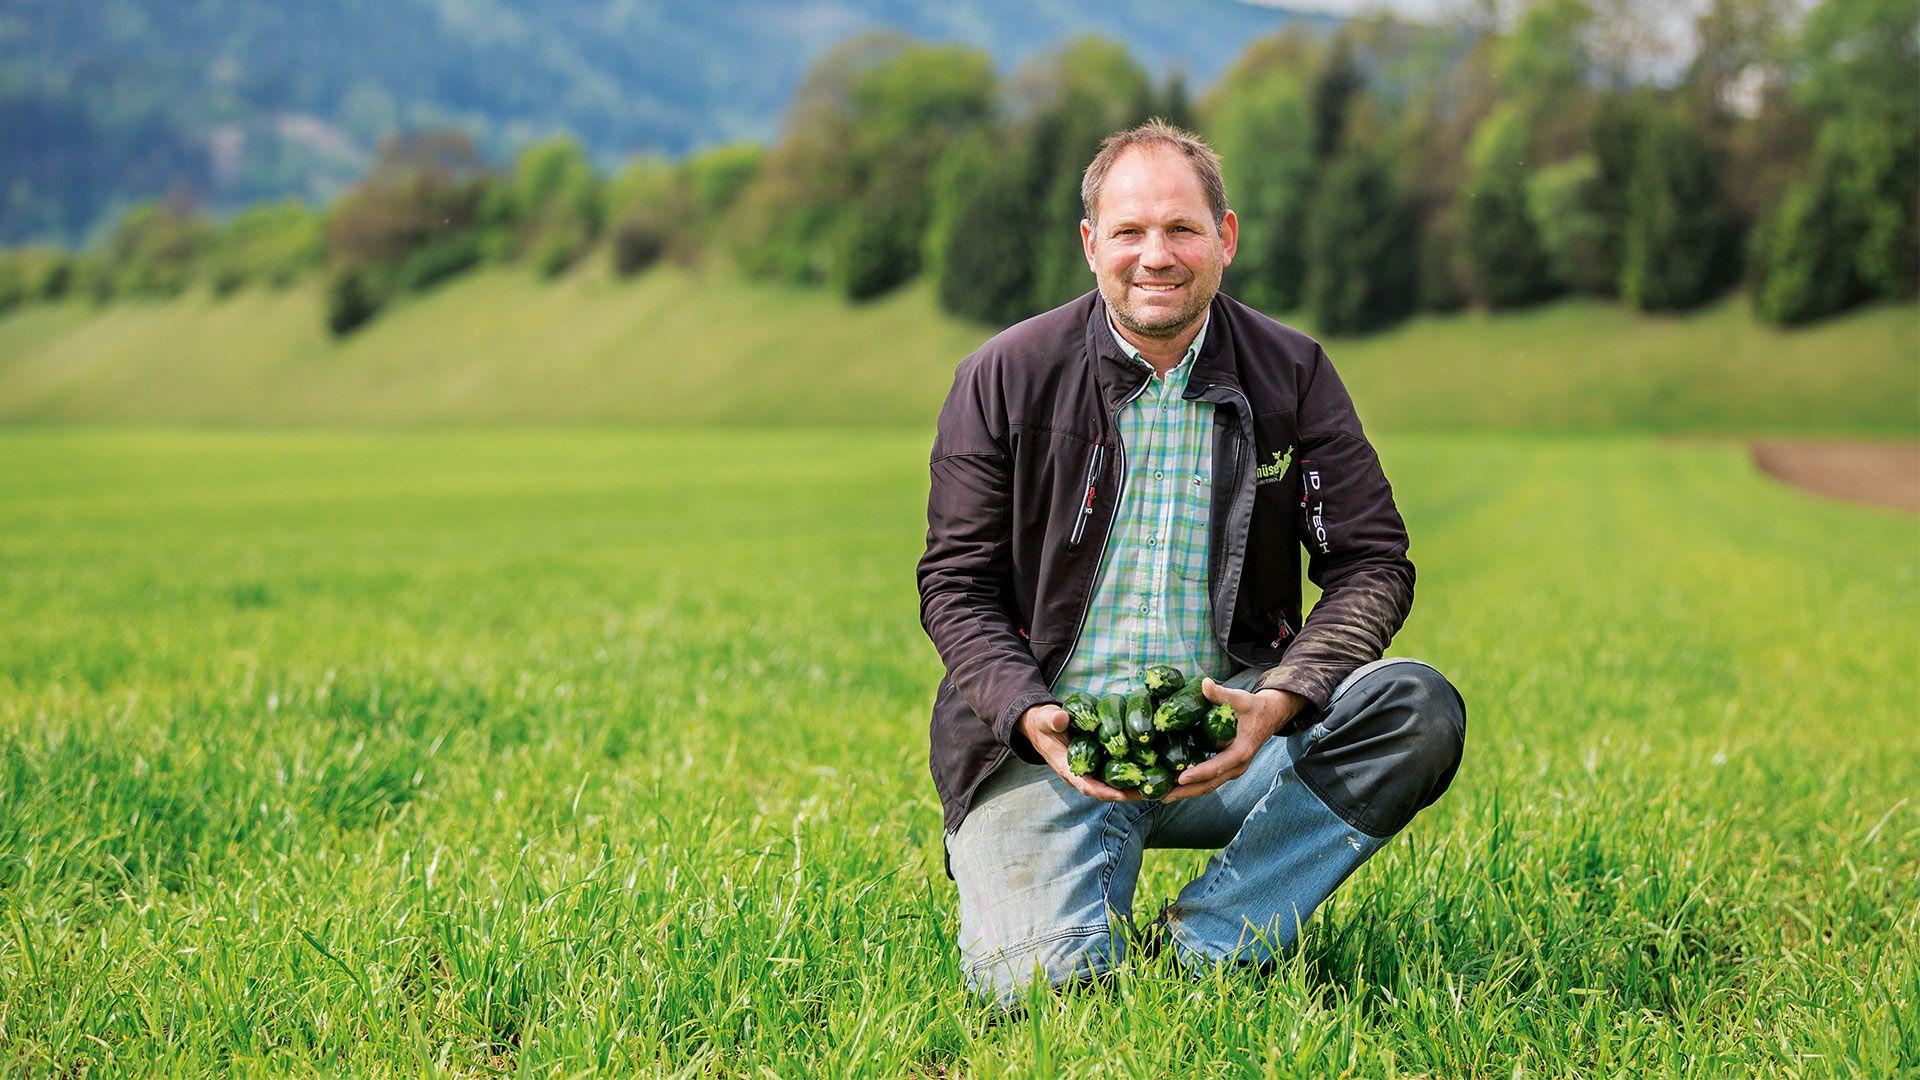 Der Zucchini-Bauer Walter Plank auf seinem Feld mit Zucchini in seinen Händen für Lidl Österreich